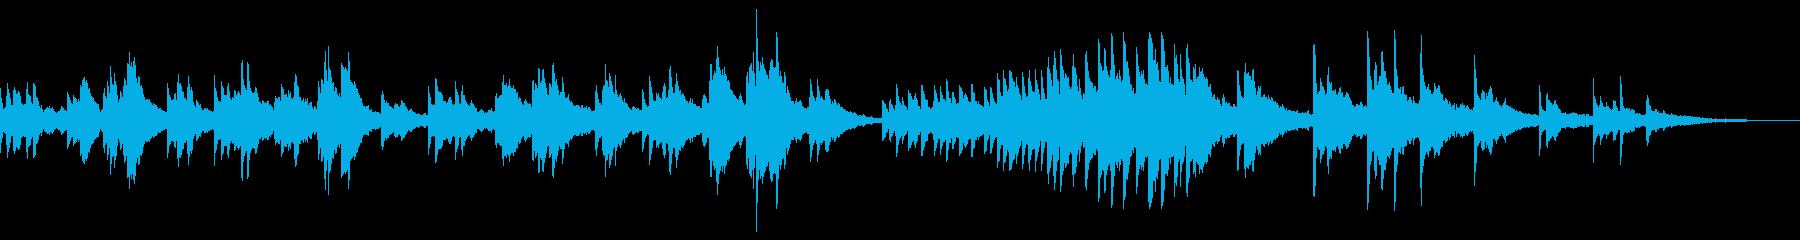 ゆったりして切ない雰囲気のピアノソロの再生済みの波形